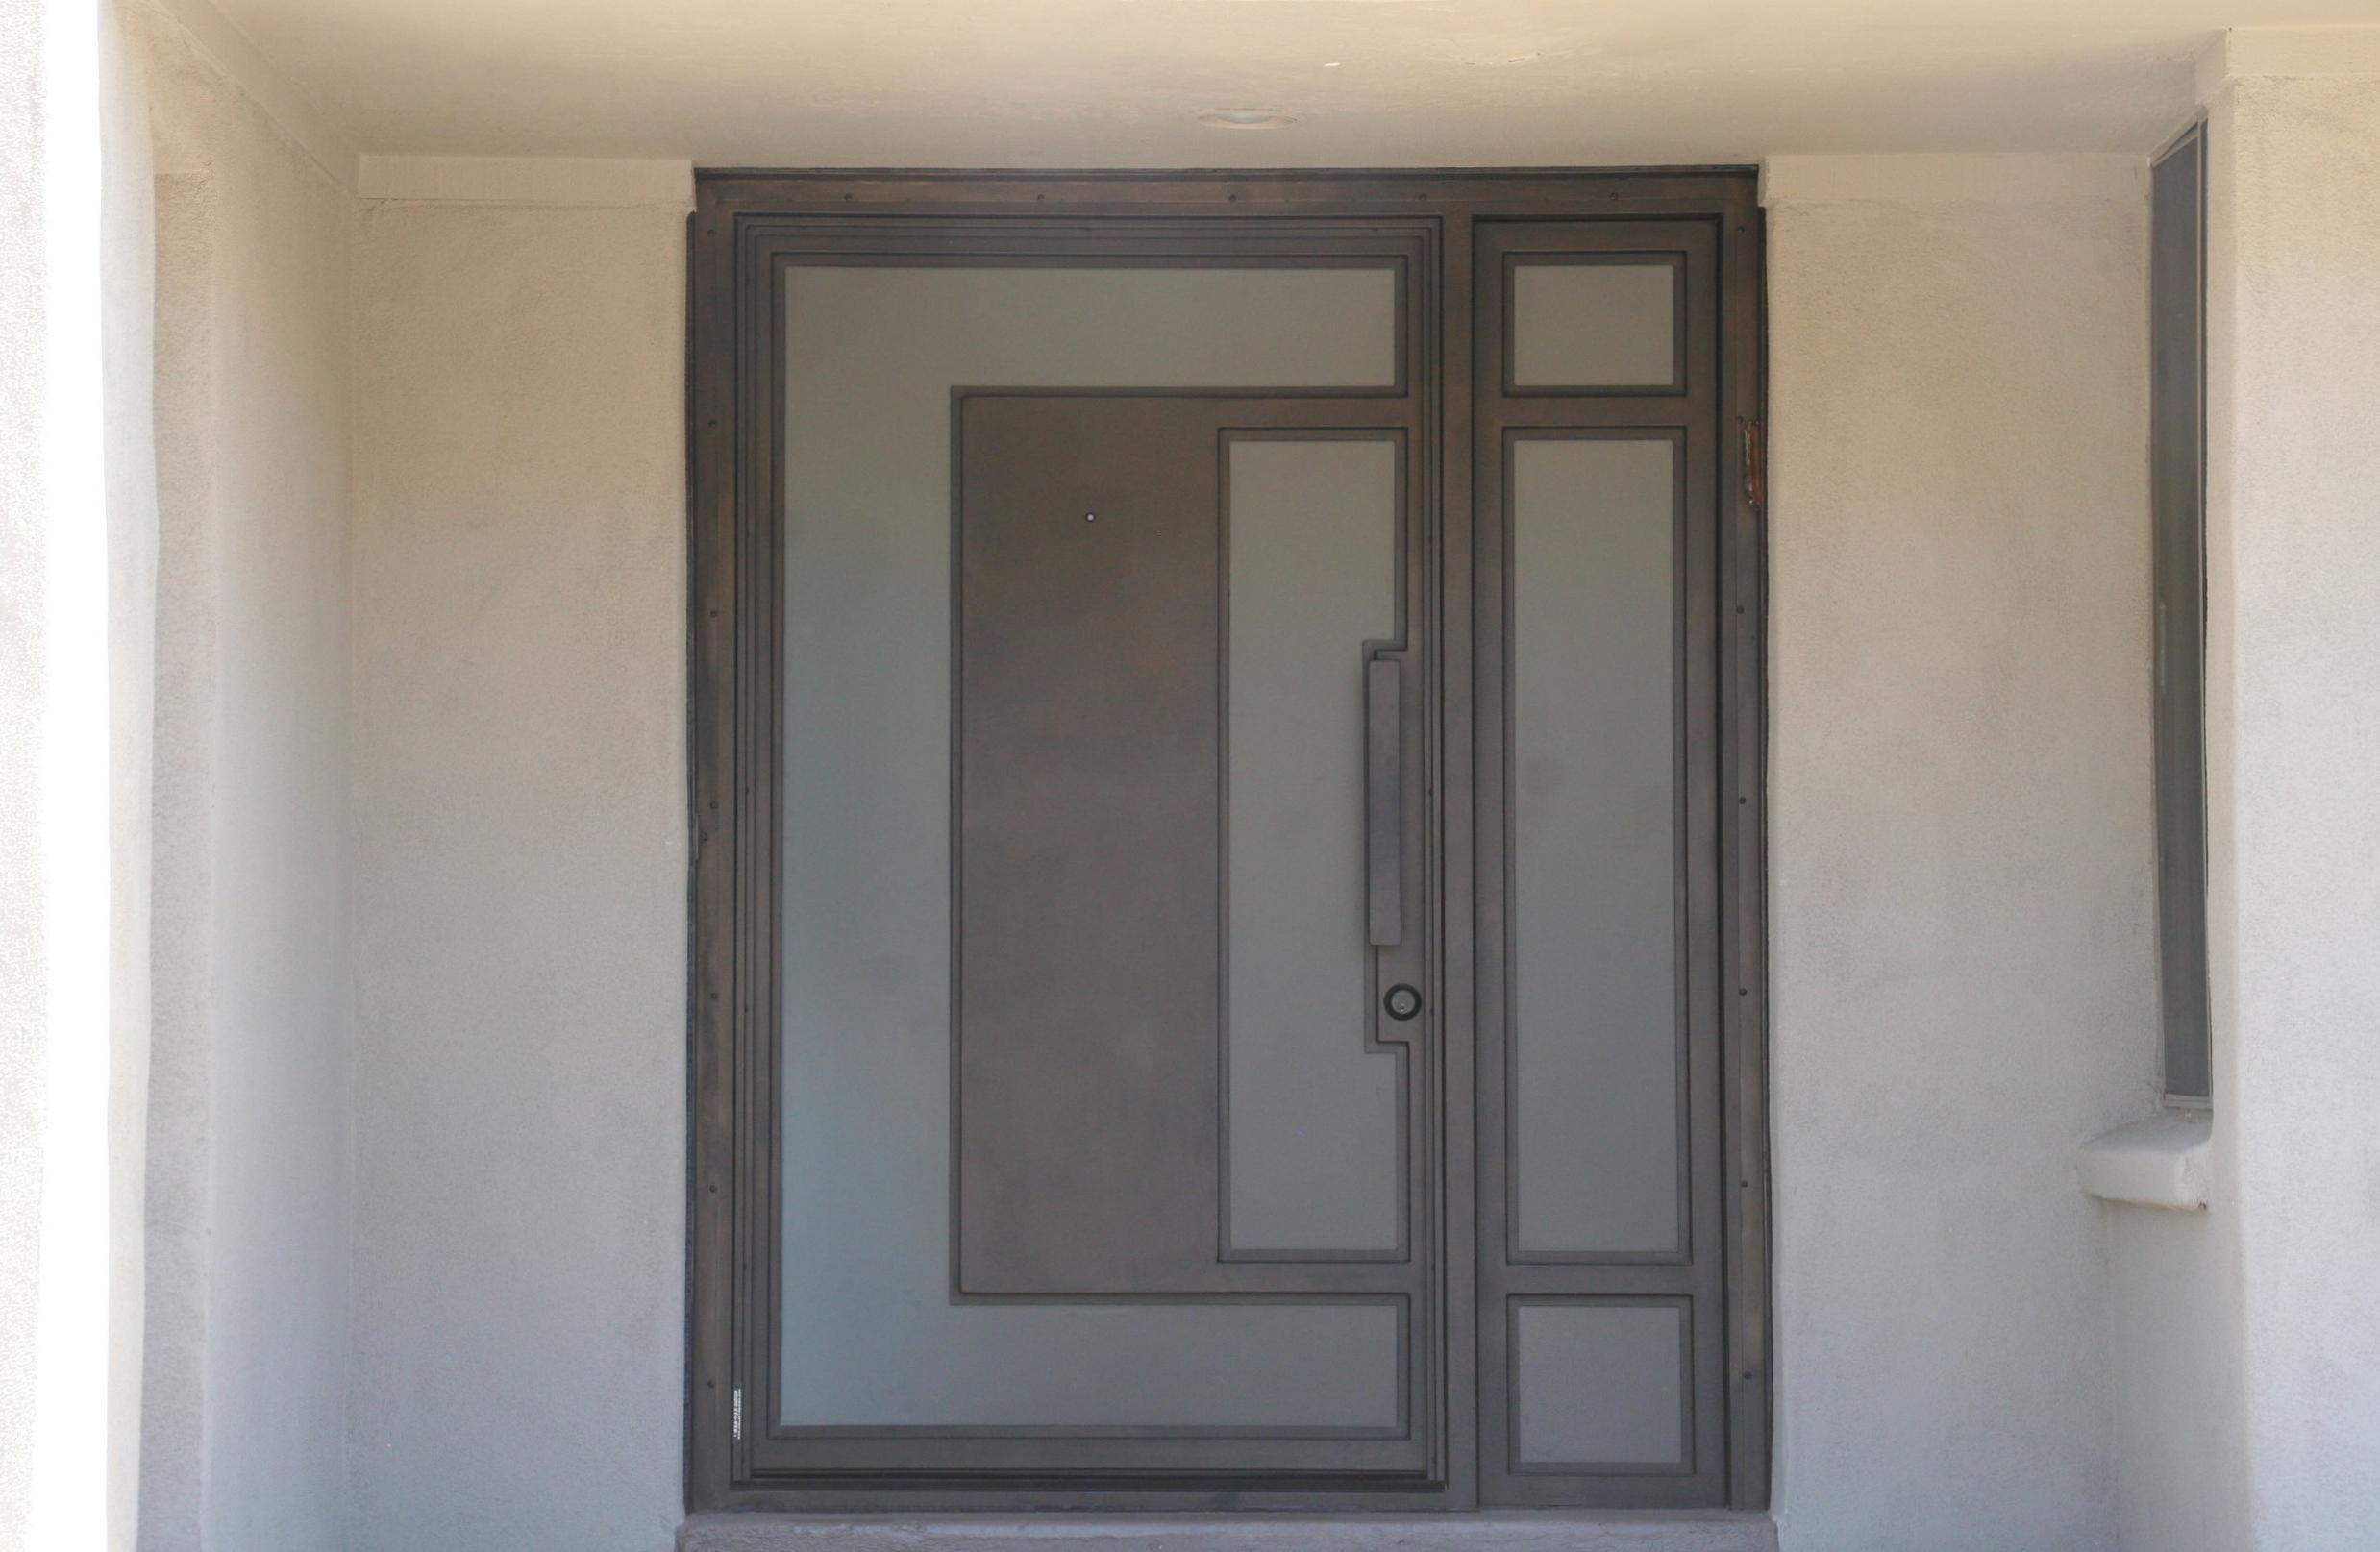 CONTEMPORARY STEEL AND GLASS DOOR 19